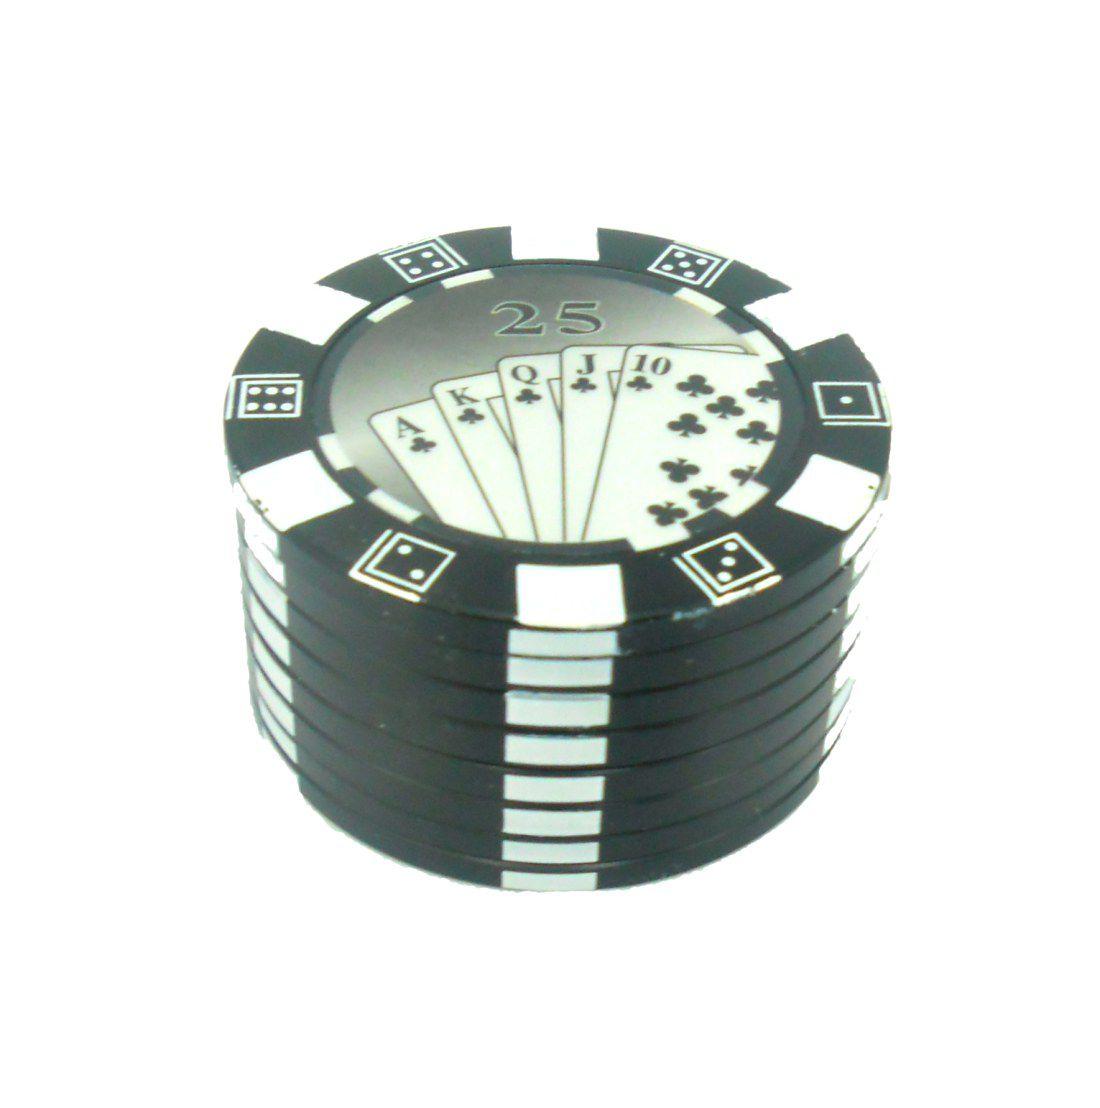 Desfiador / triturador / dichavador em metal, decoração Fichas de Pôquer (poker chip). Cor Preto.